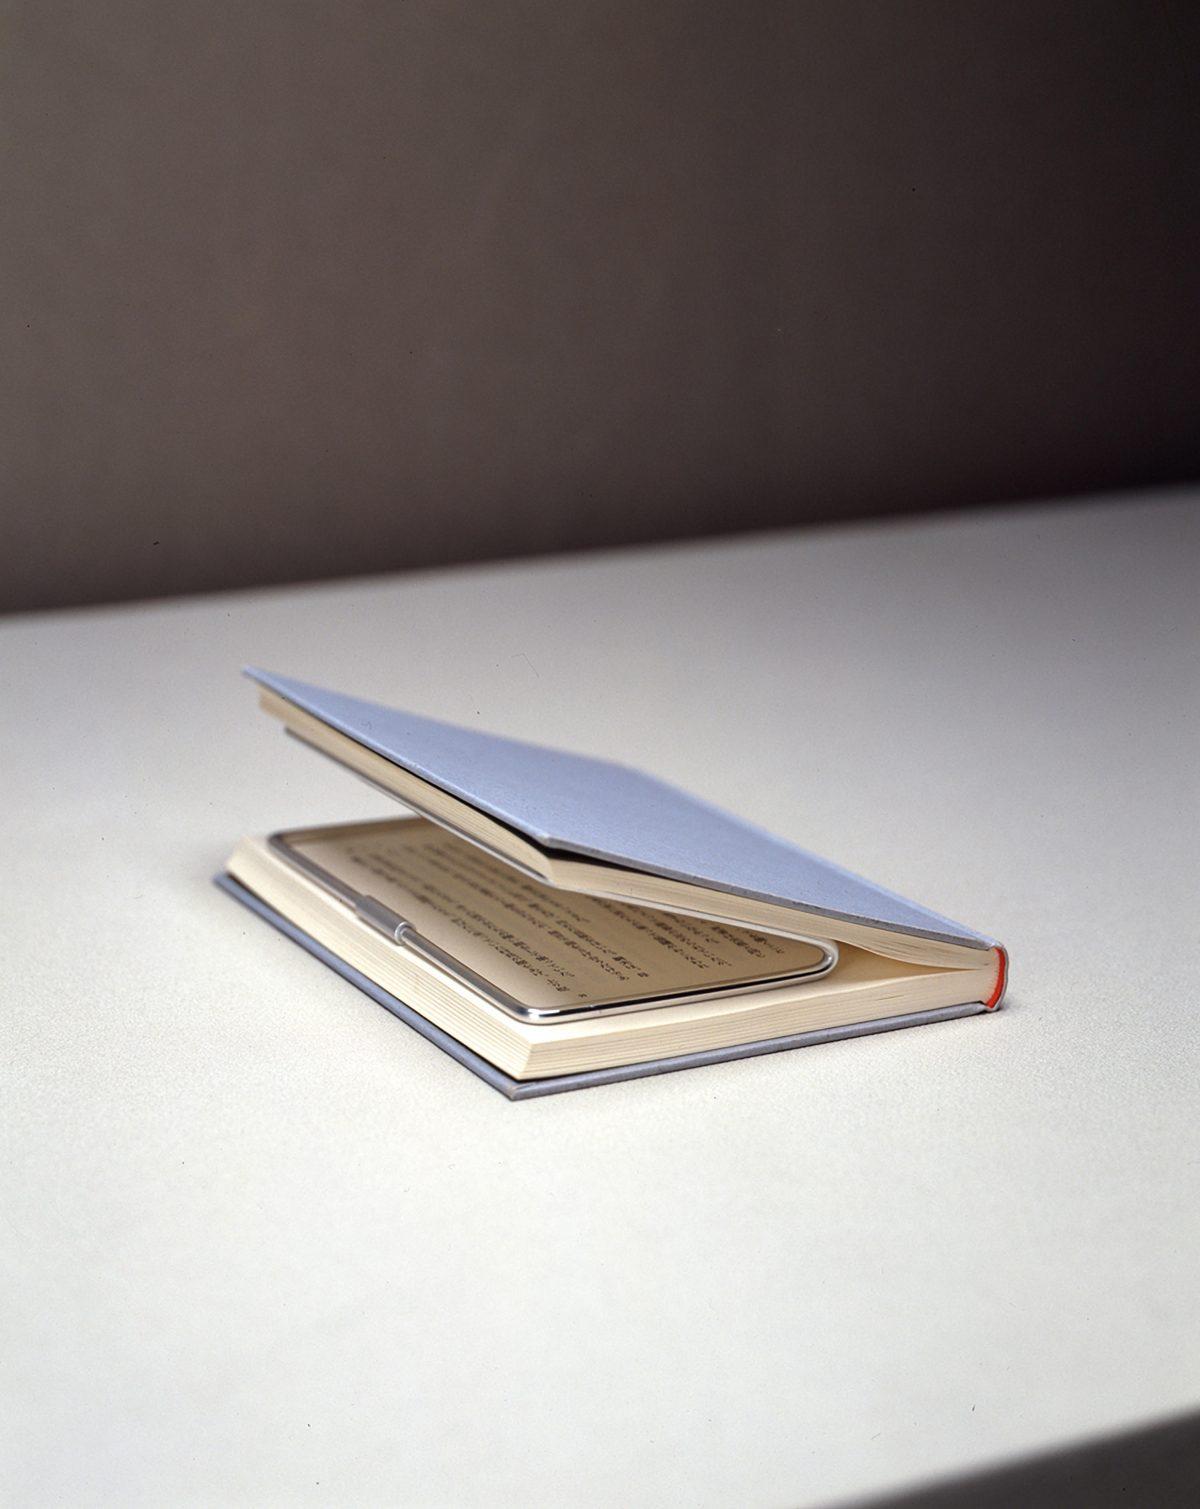 ブックホルダー(単行本サイズ)/ アルミ / 3.8×8.8×17 / 2000